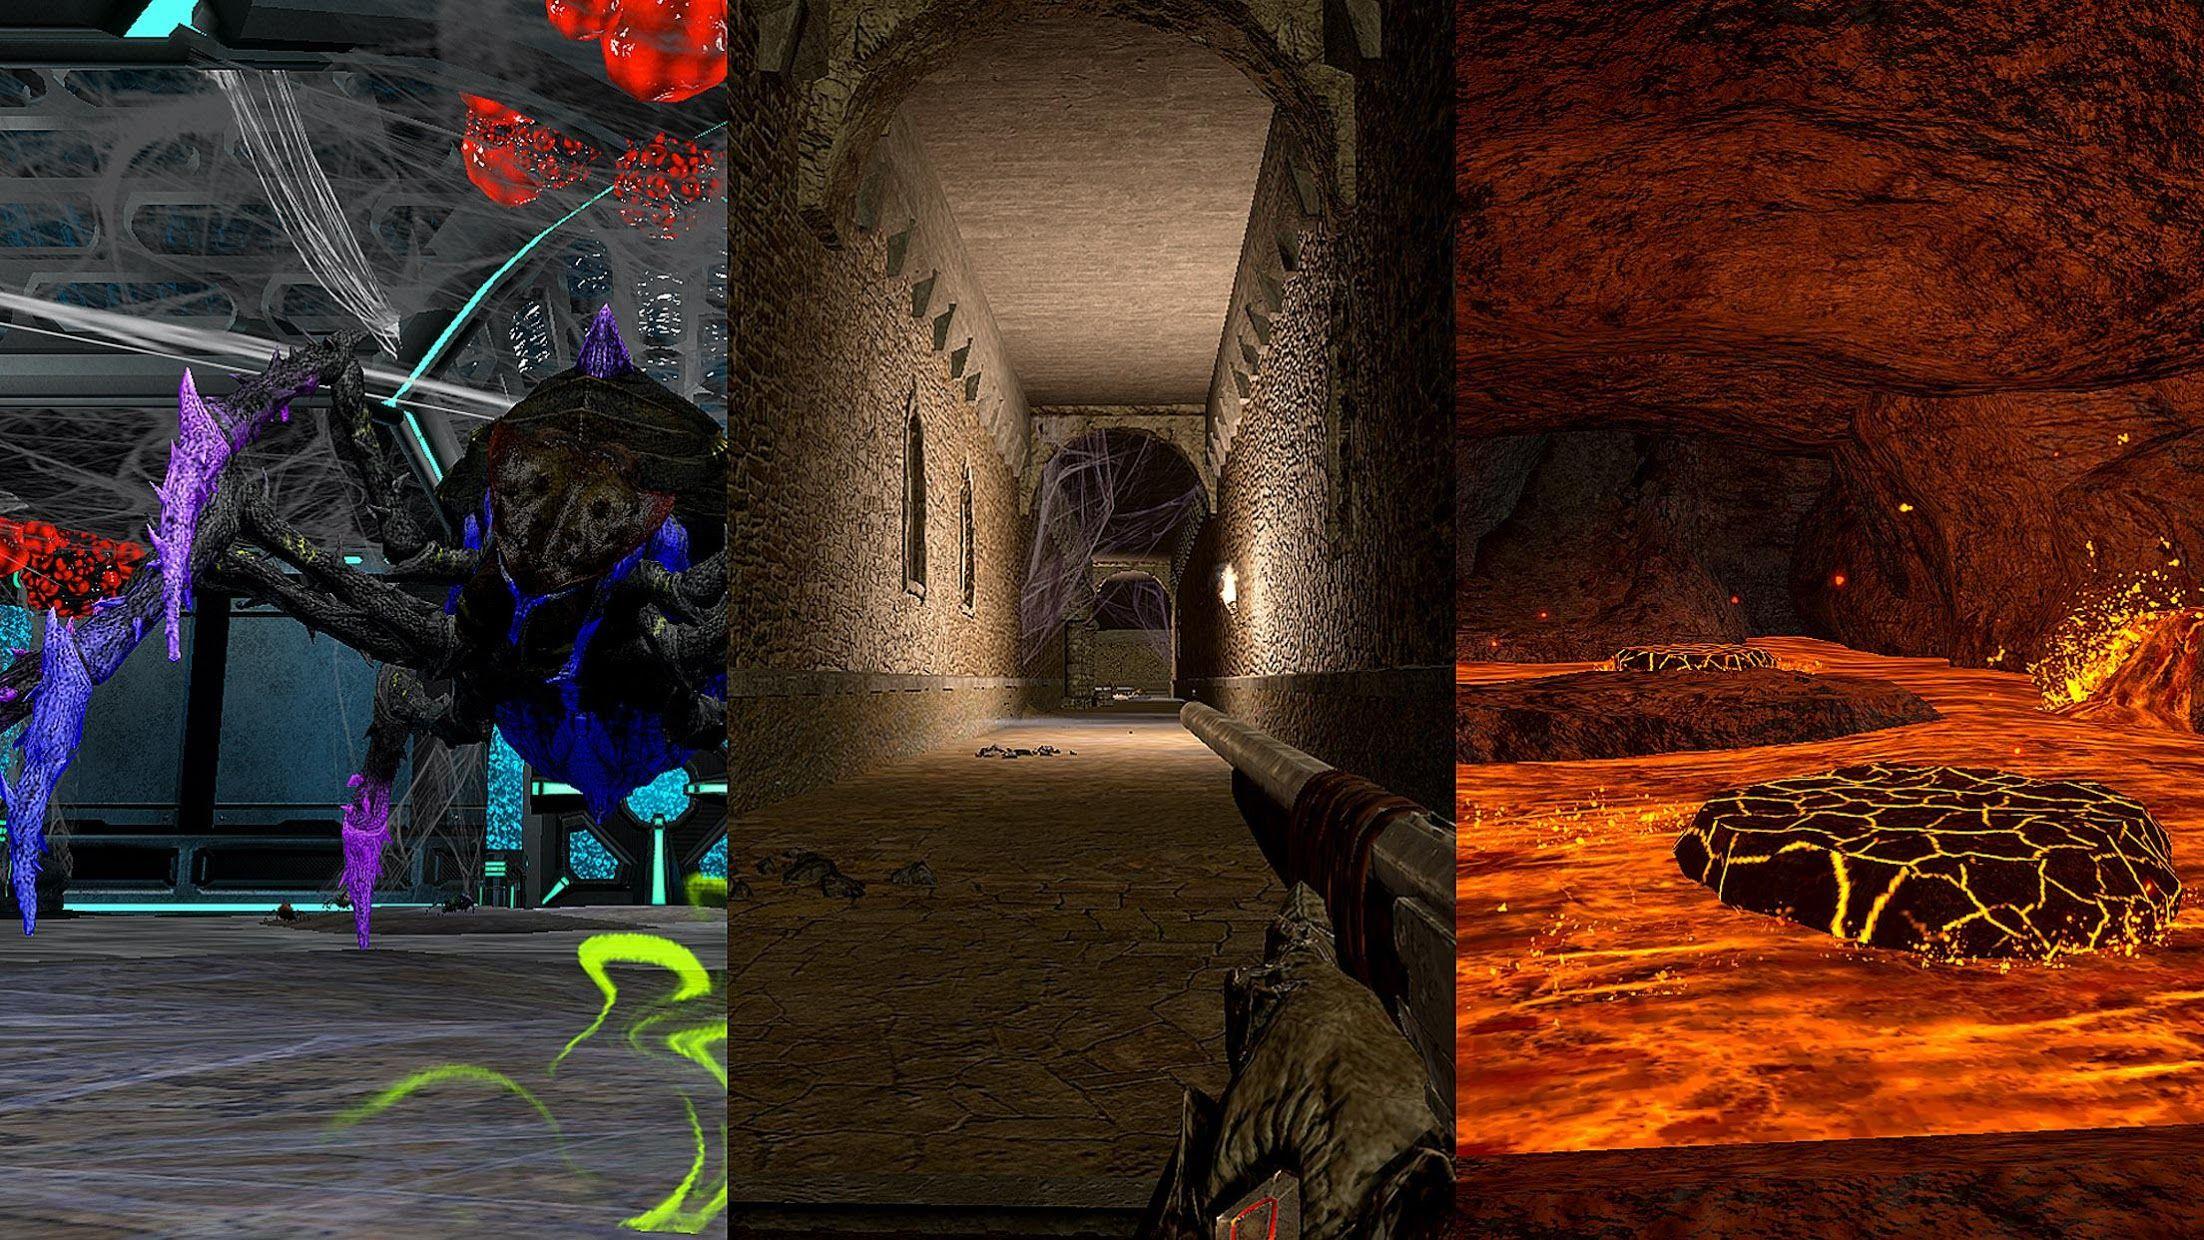 方舟稳重矿洞位置-《方舟生存进化》矿洞神器位置一览